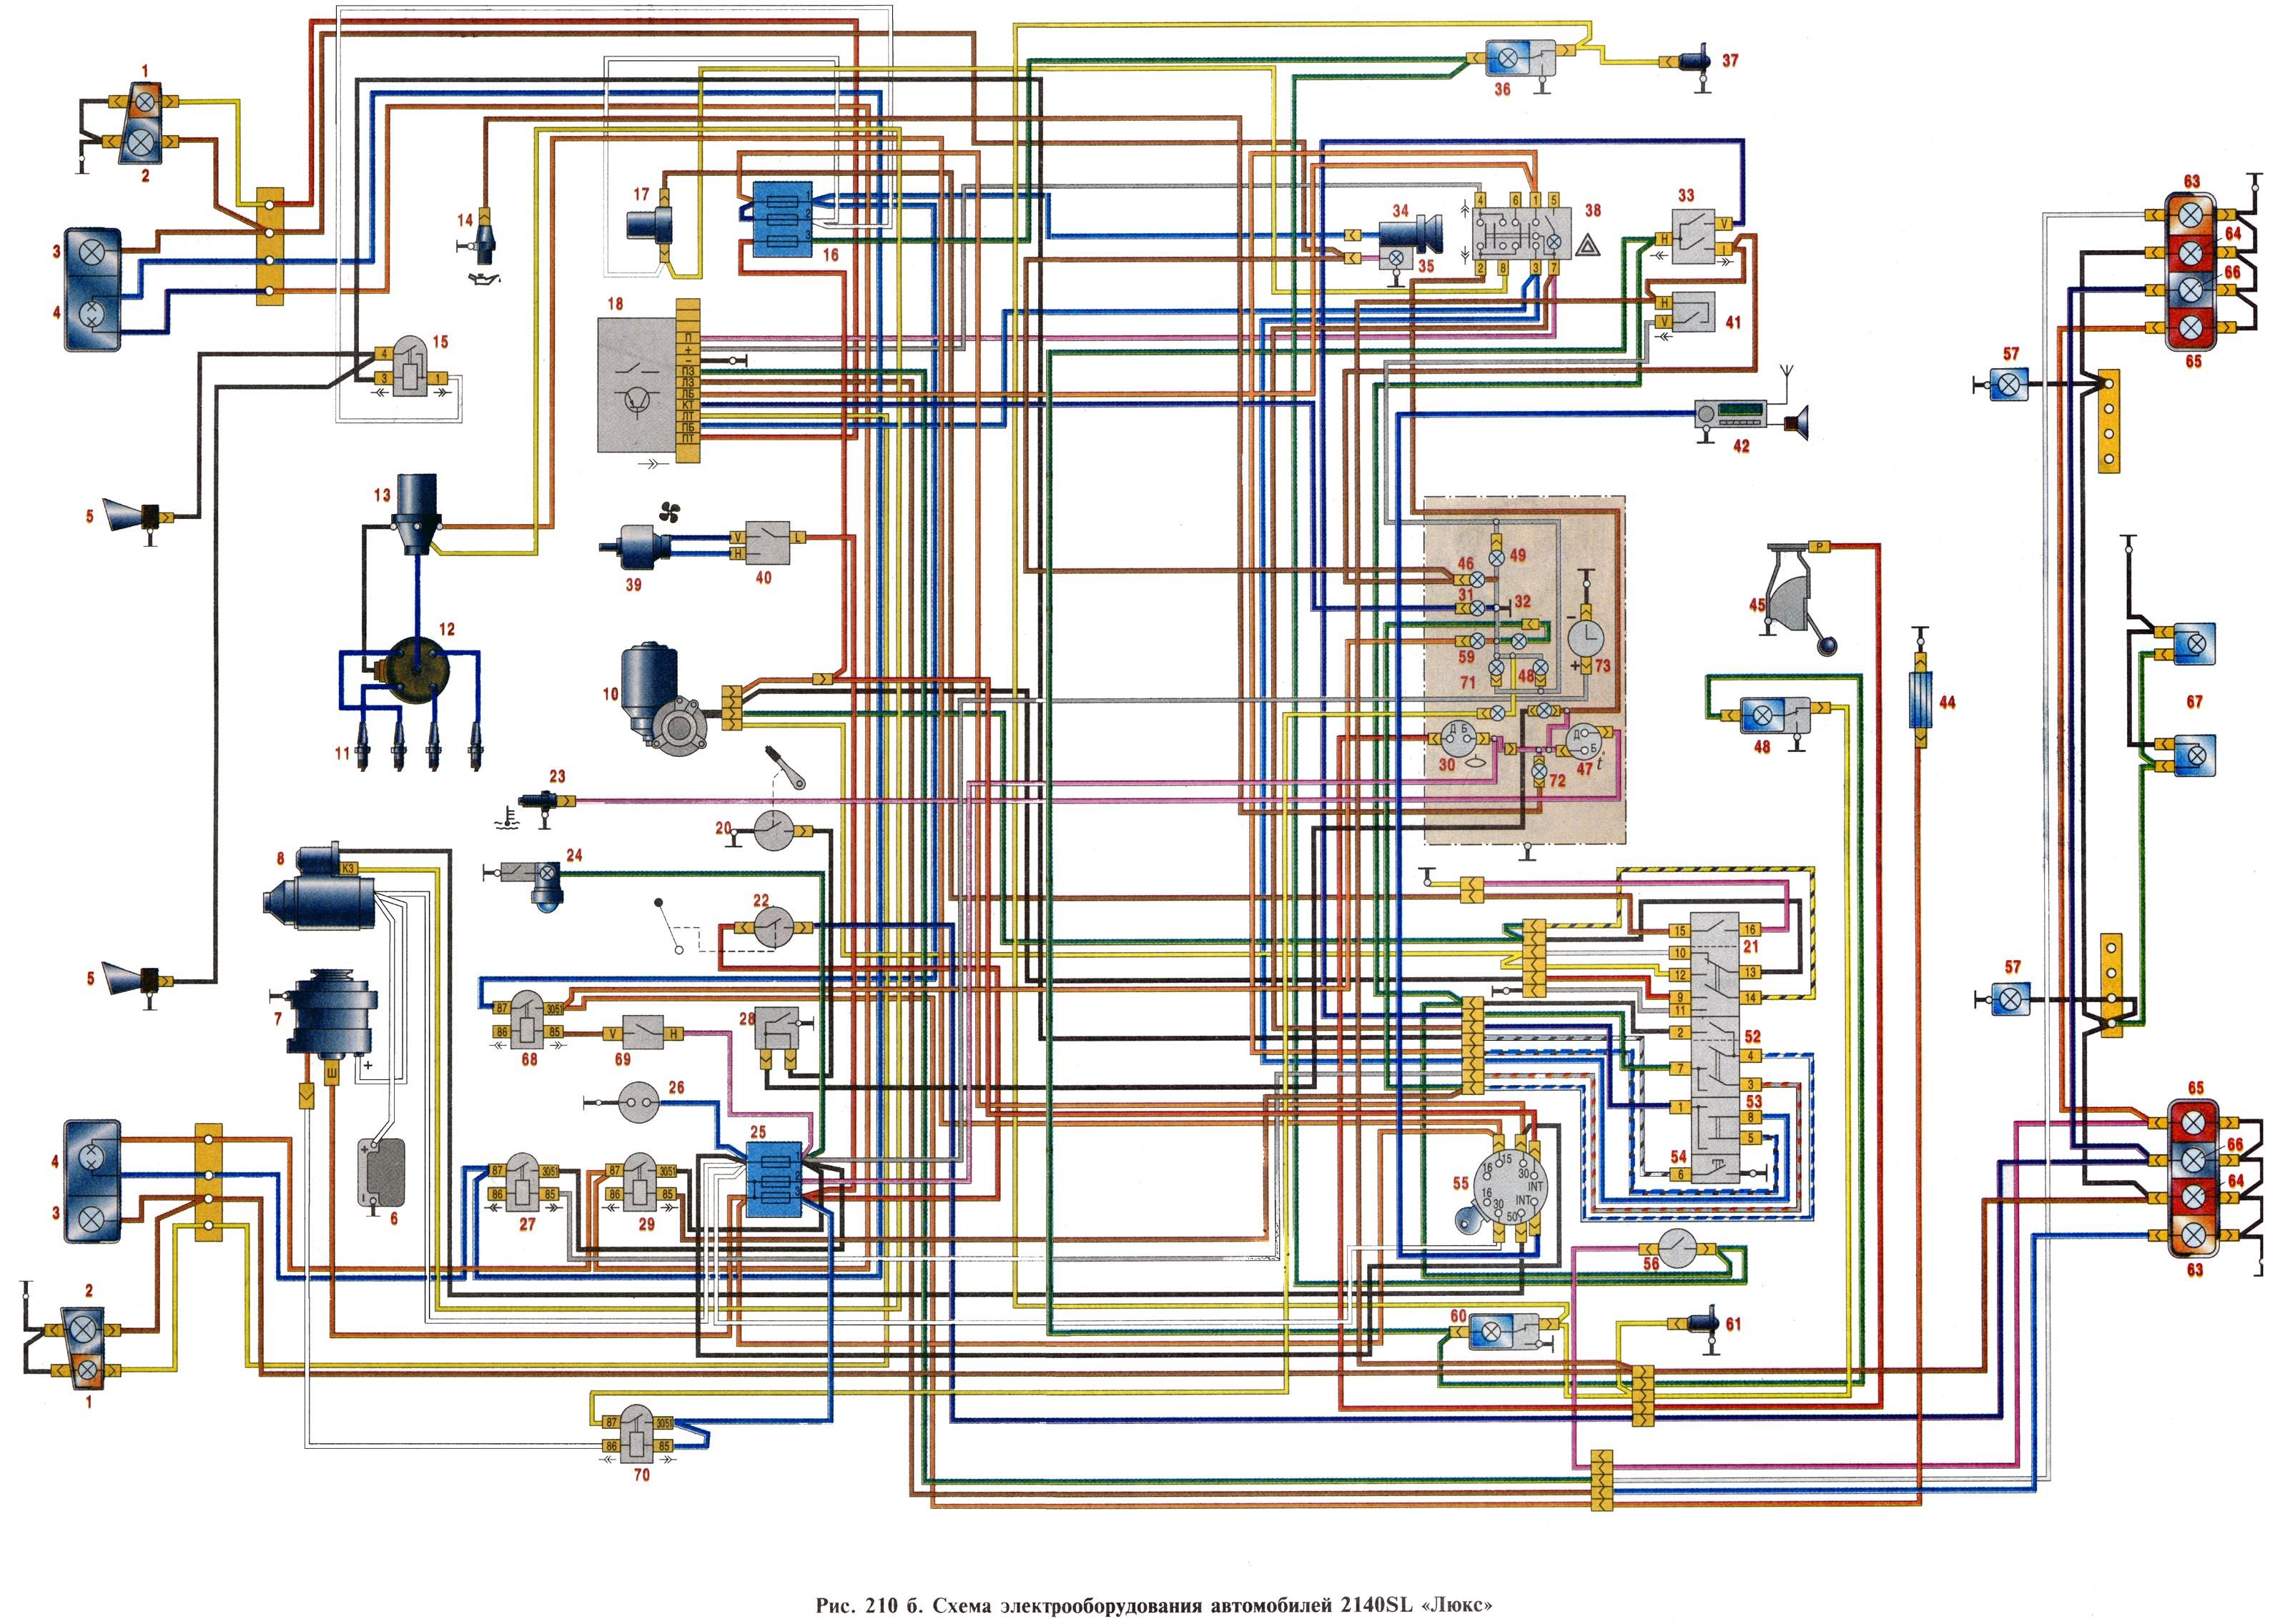 Электрическая схема москвича 2140